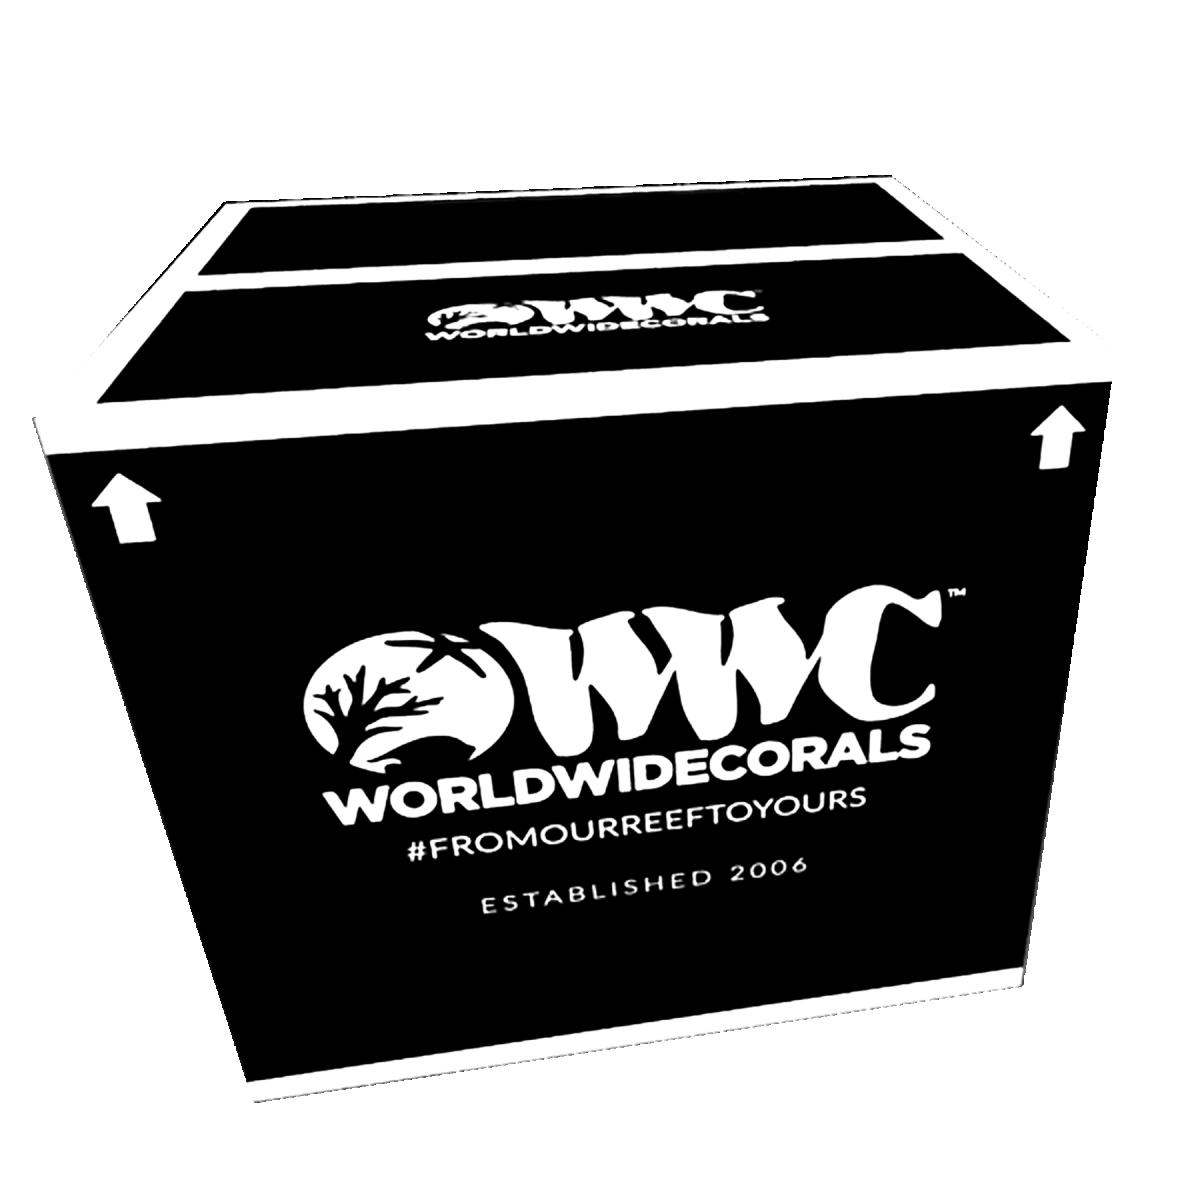 wwc-shipping-box_1800x1800.png